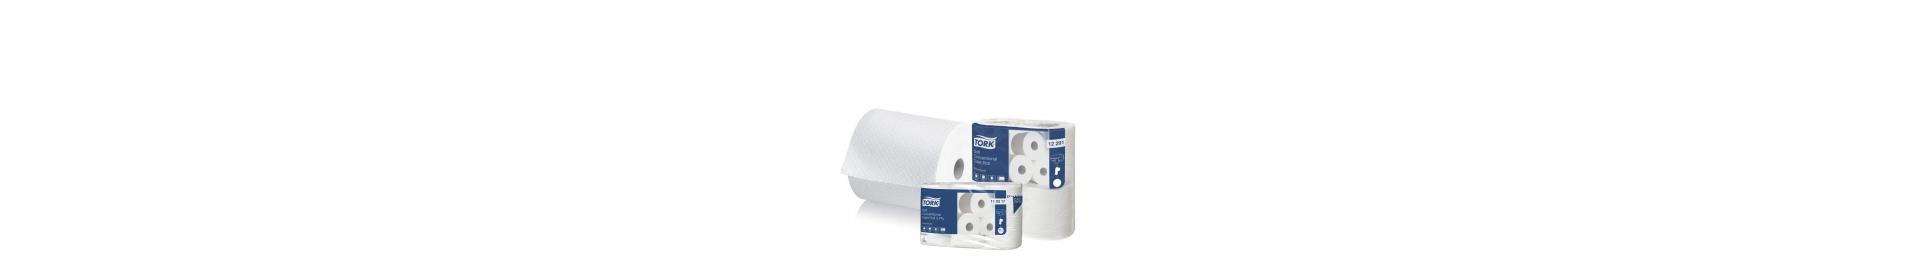 Papiery i ręczniki